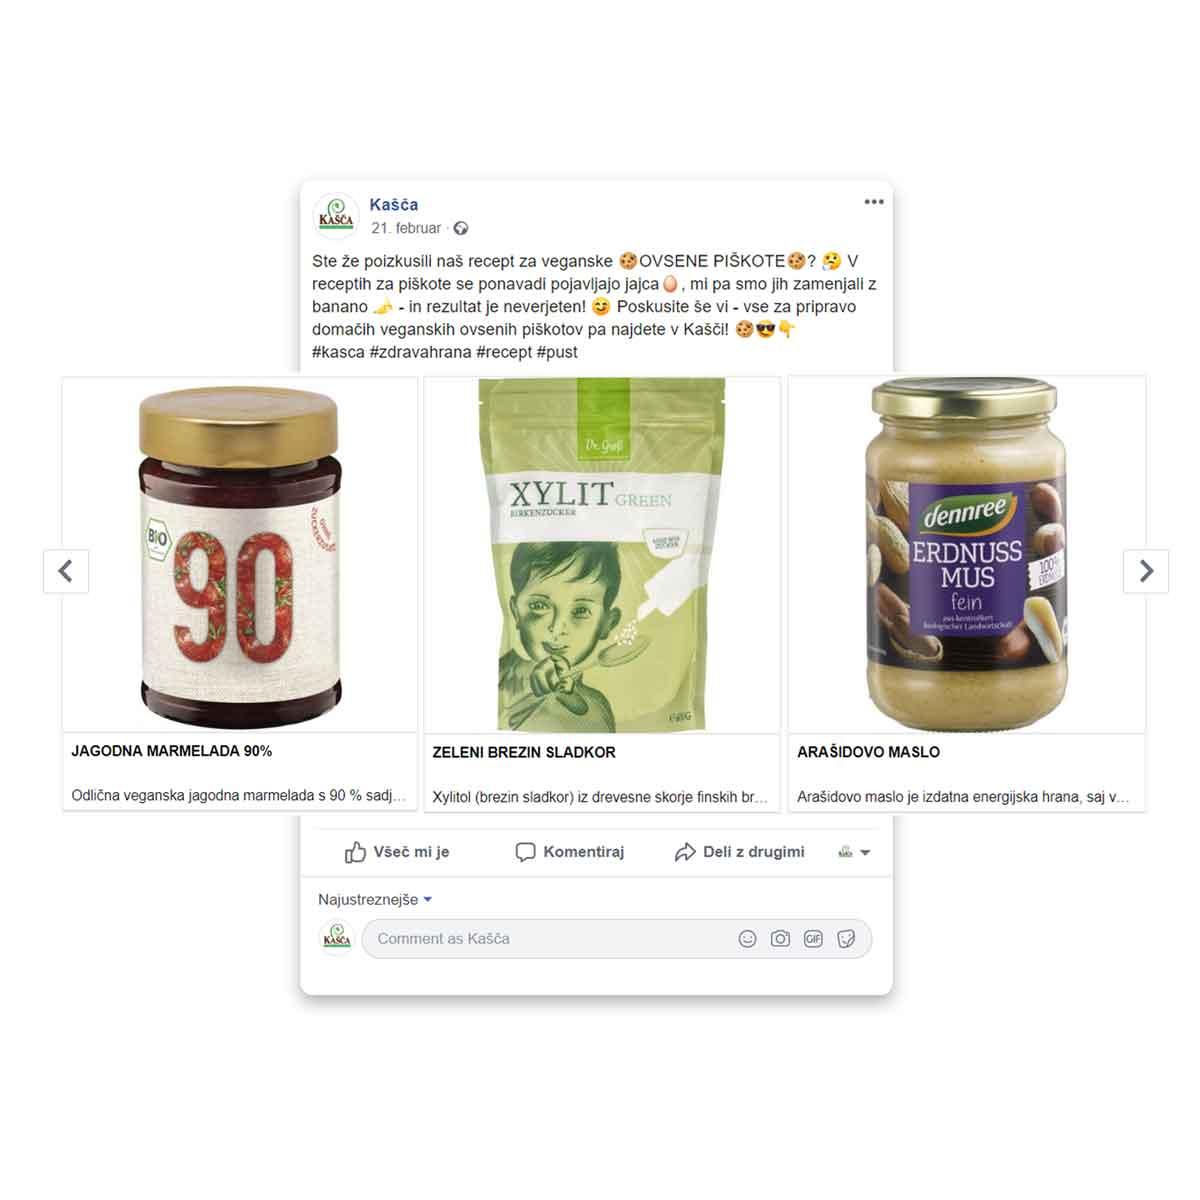 Trgovina Kašča - promocija več produktov